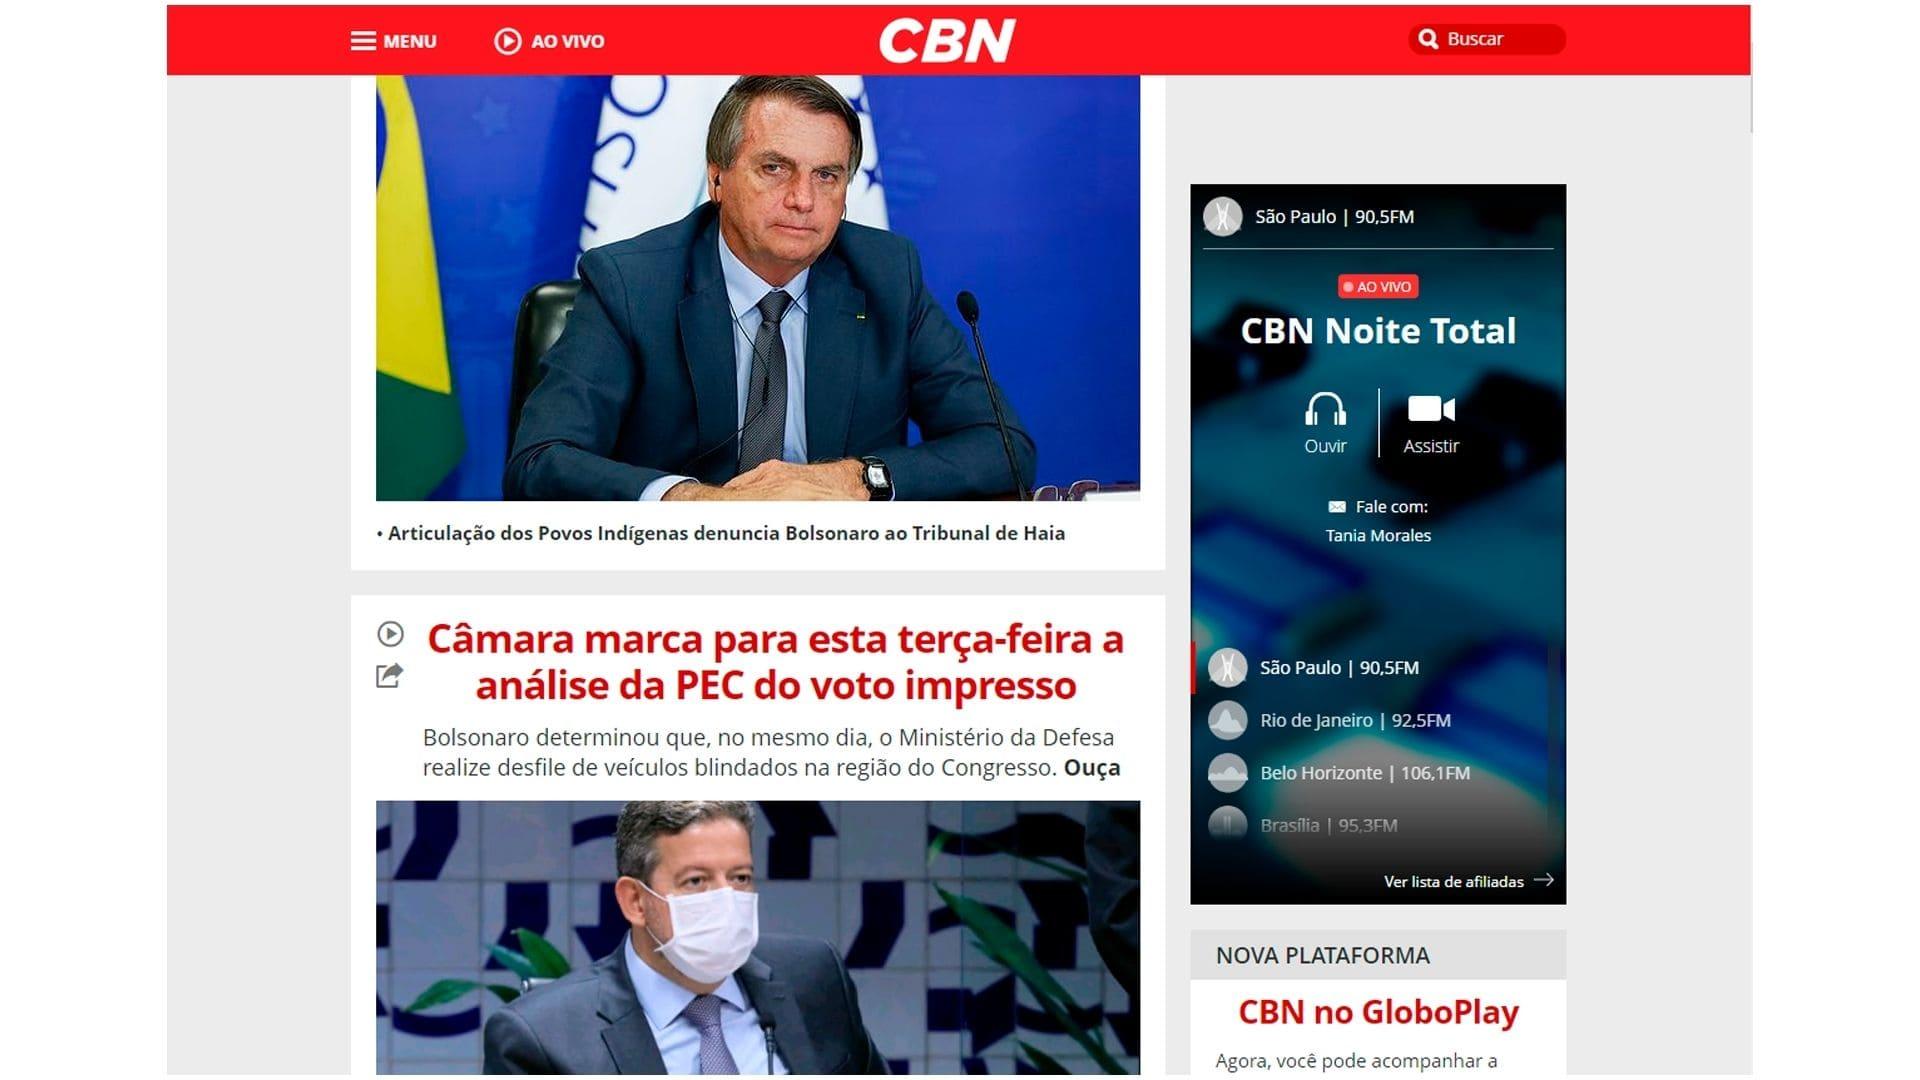 Captura de tela do site da Rádio CBN